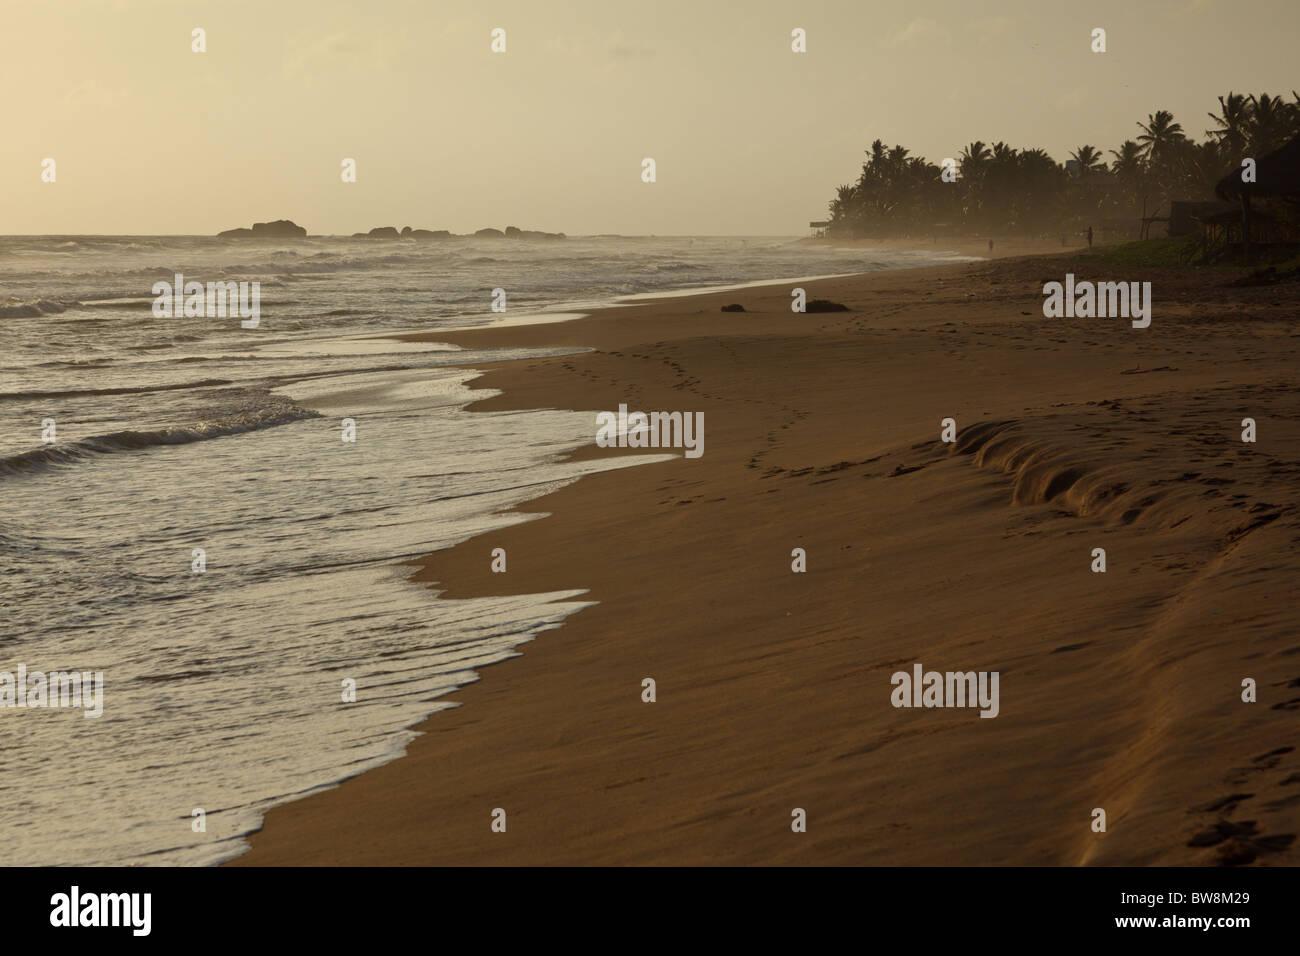 Tropical sunset on ocean. Sri Lanka - Stock Image